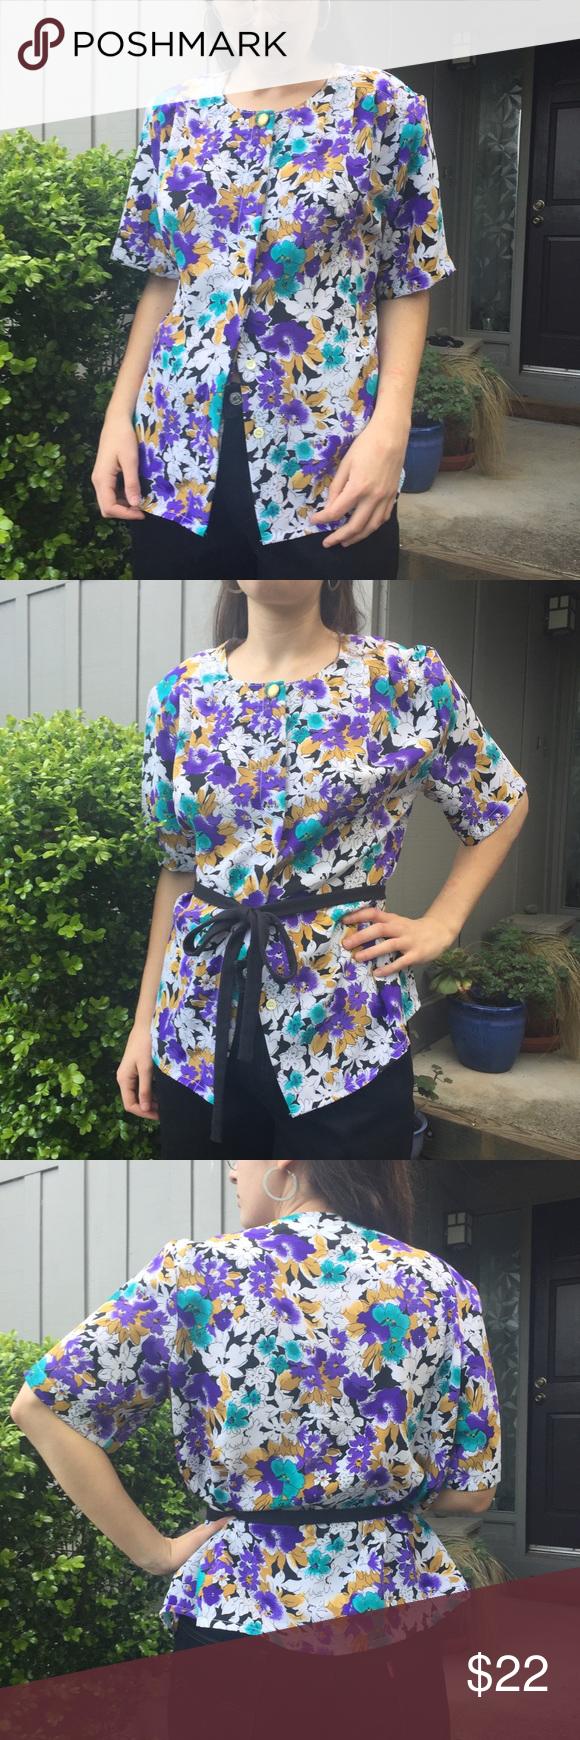 Fits Size Small 1980s Blouse Vintage Purple Floral Blouse Floral Button Up Blouse